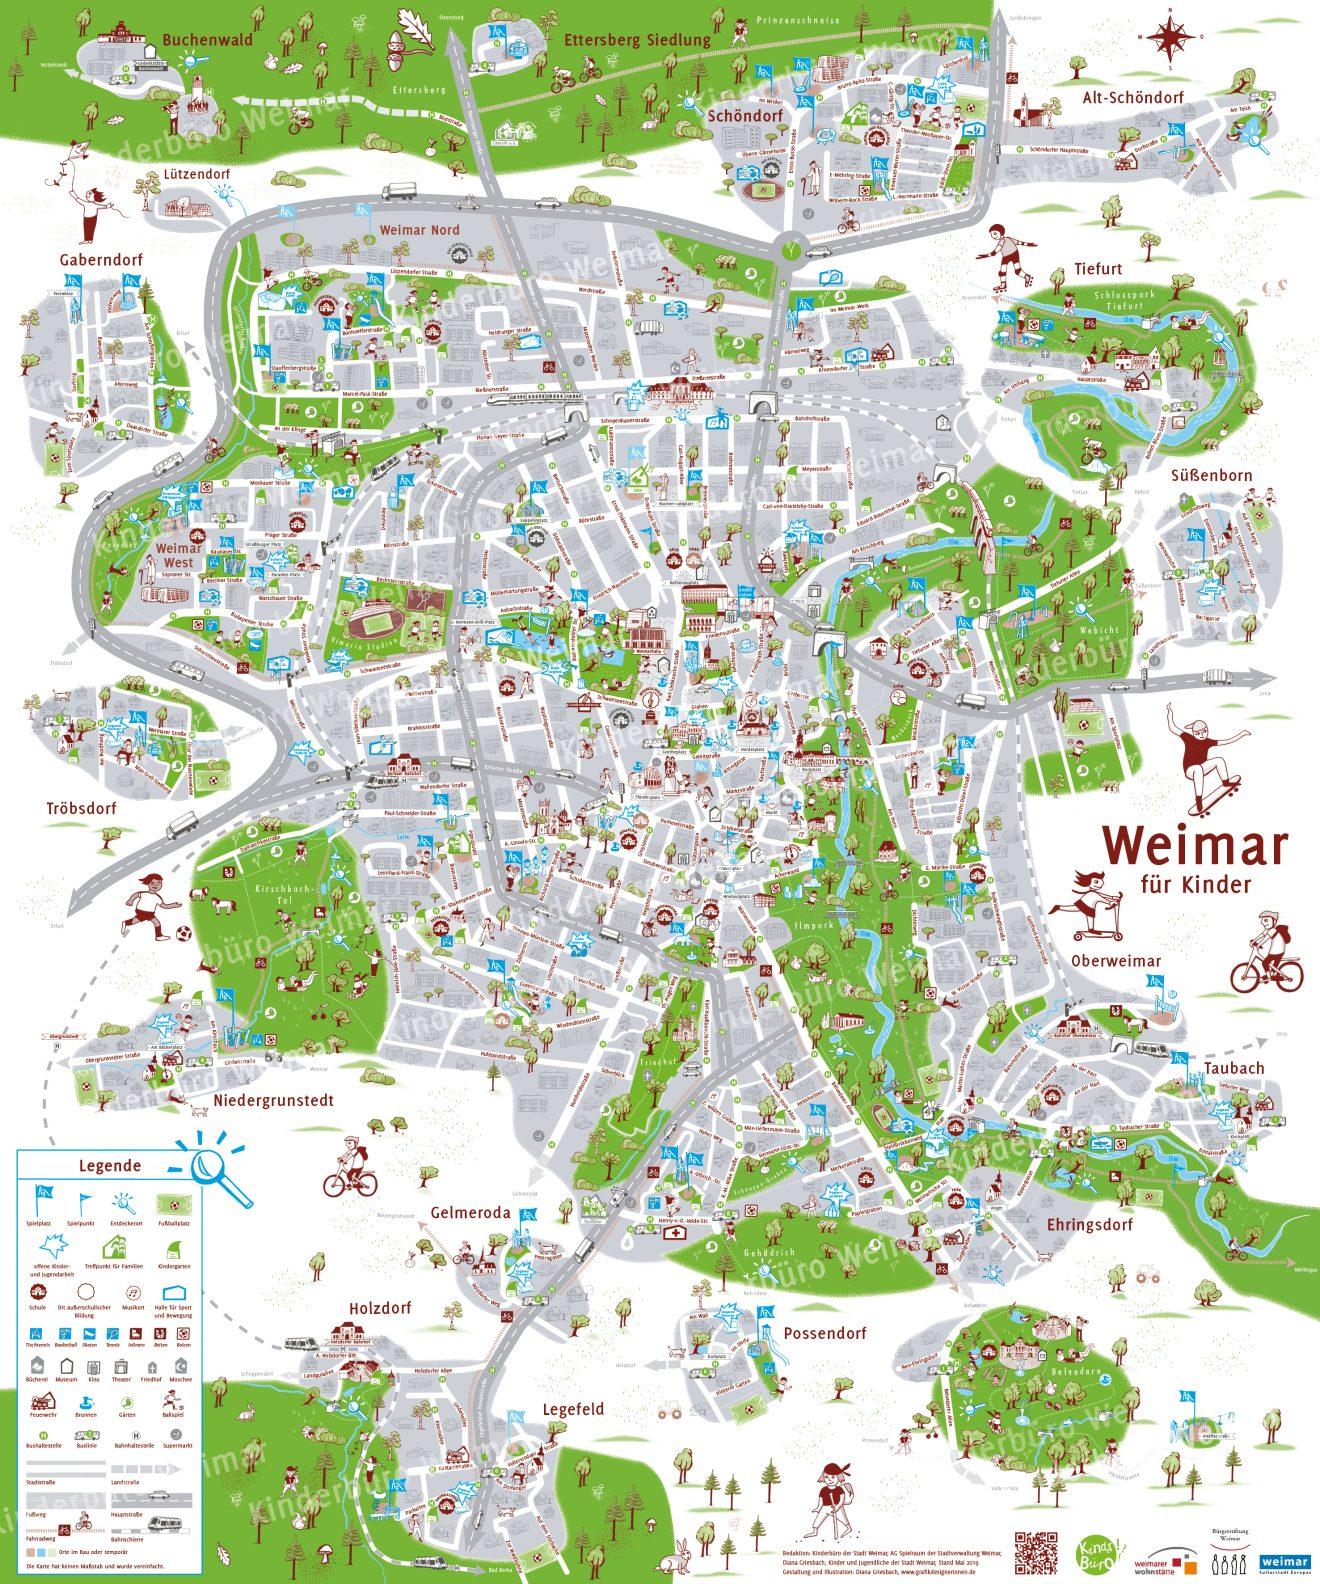 Weimar für Kinder web vorne indd